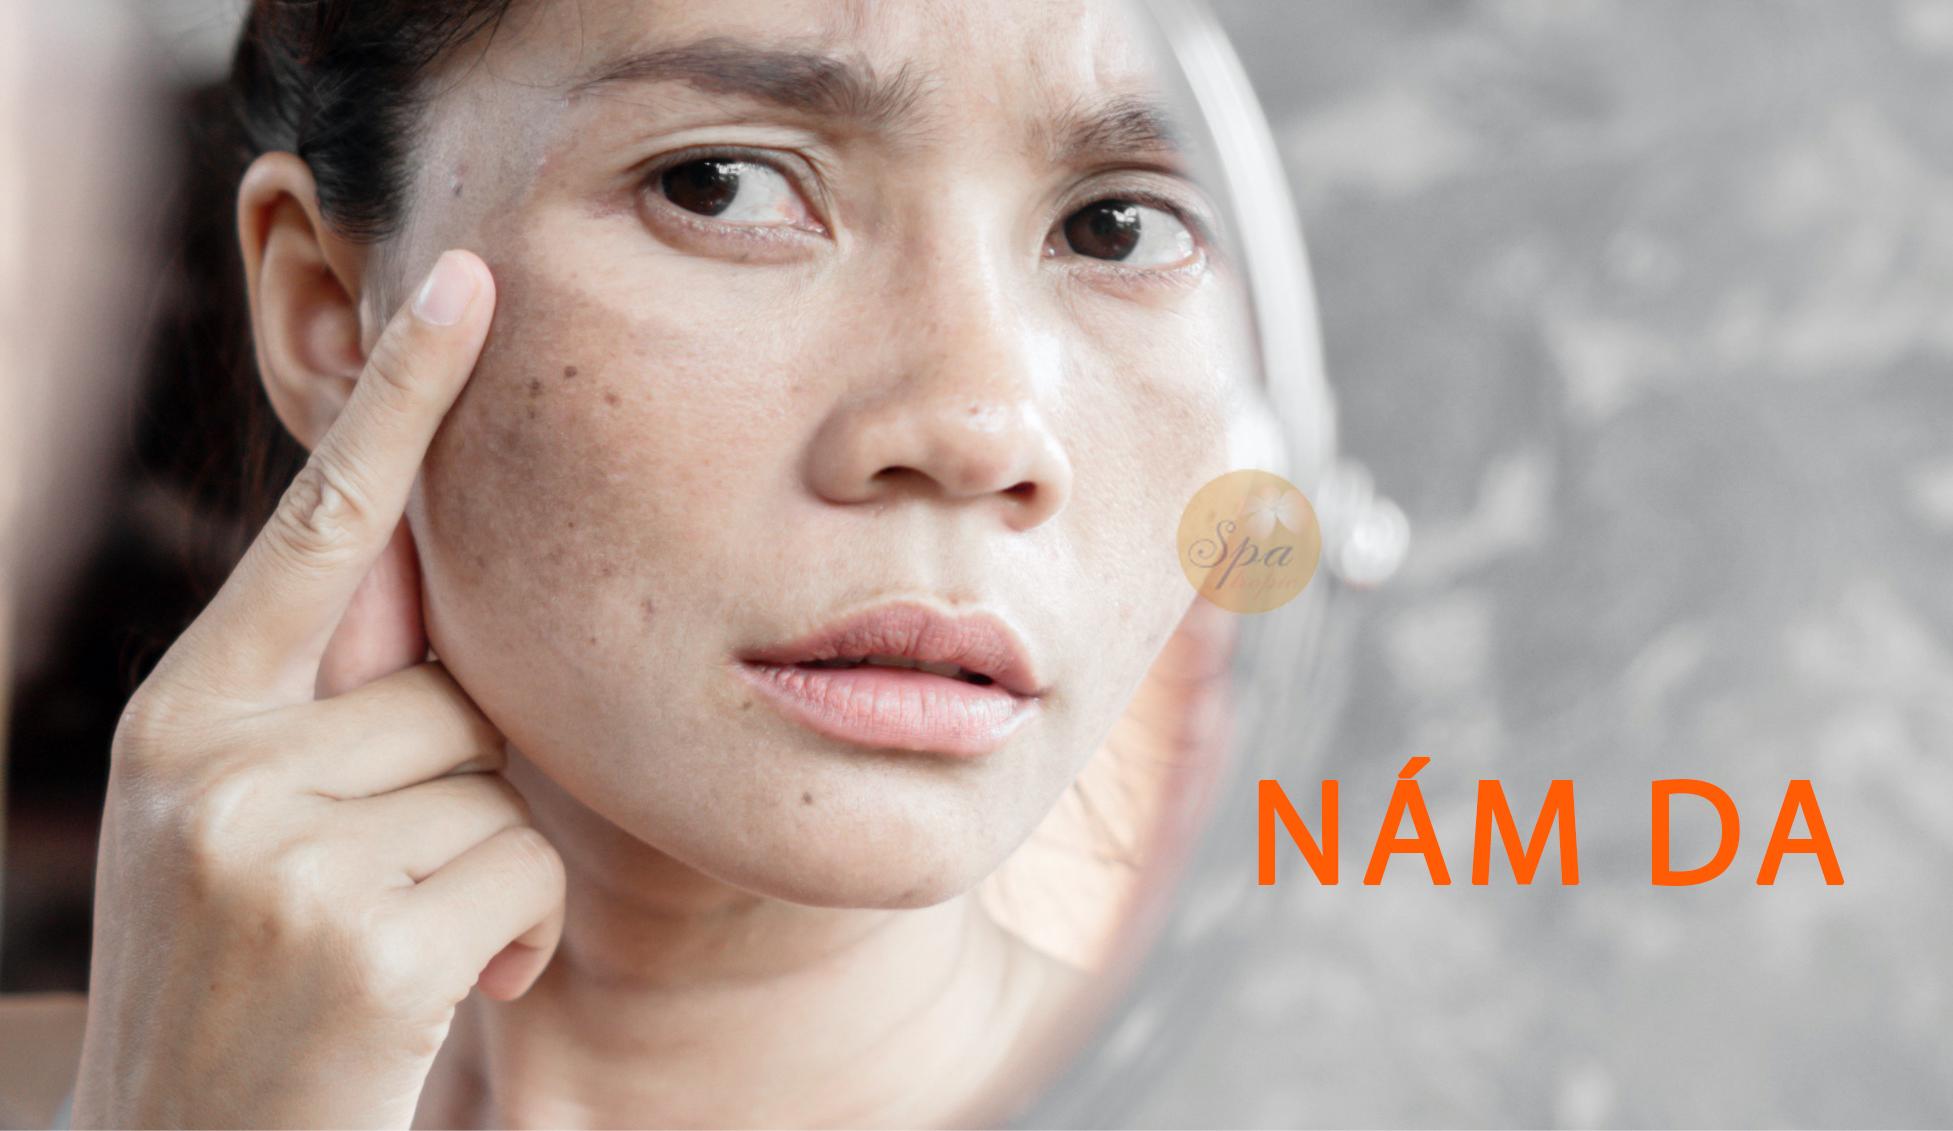 Nám da và nguyên nhân gây nám